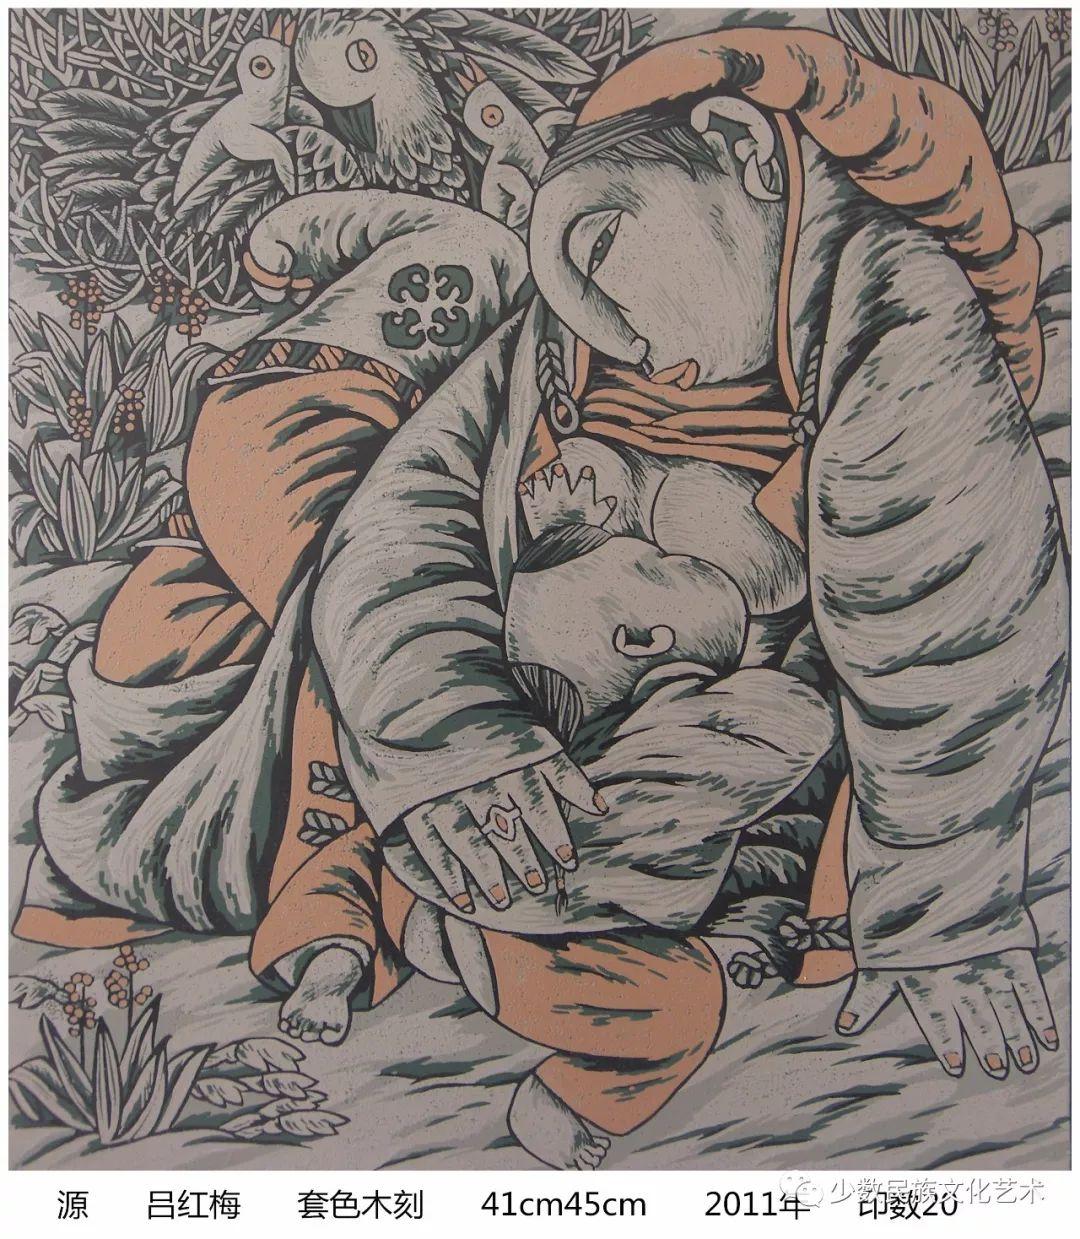 吕红梅版画作品欣赏 第18张